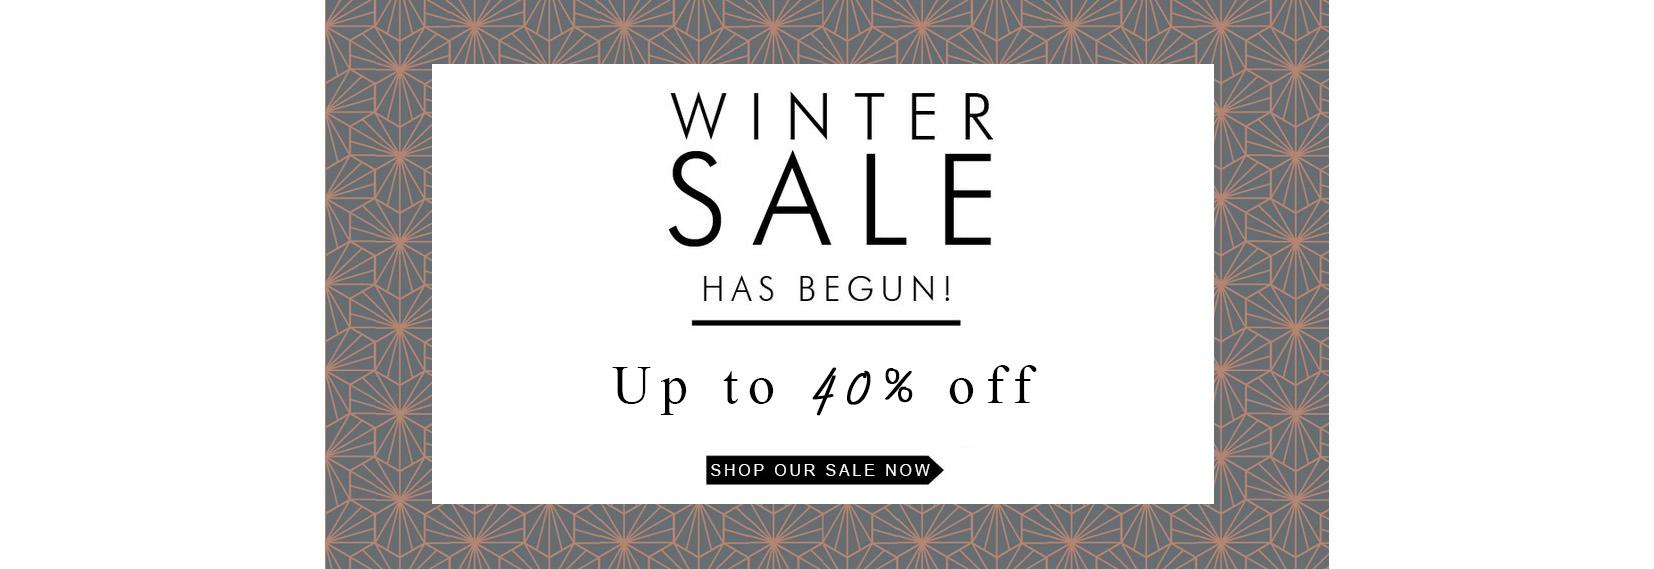 Winter Sale Has Begun!